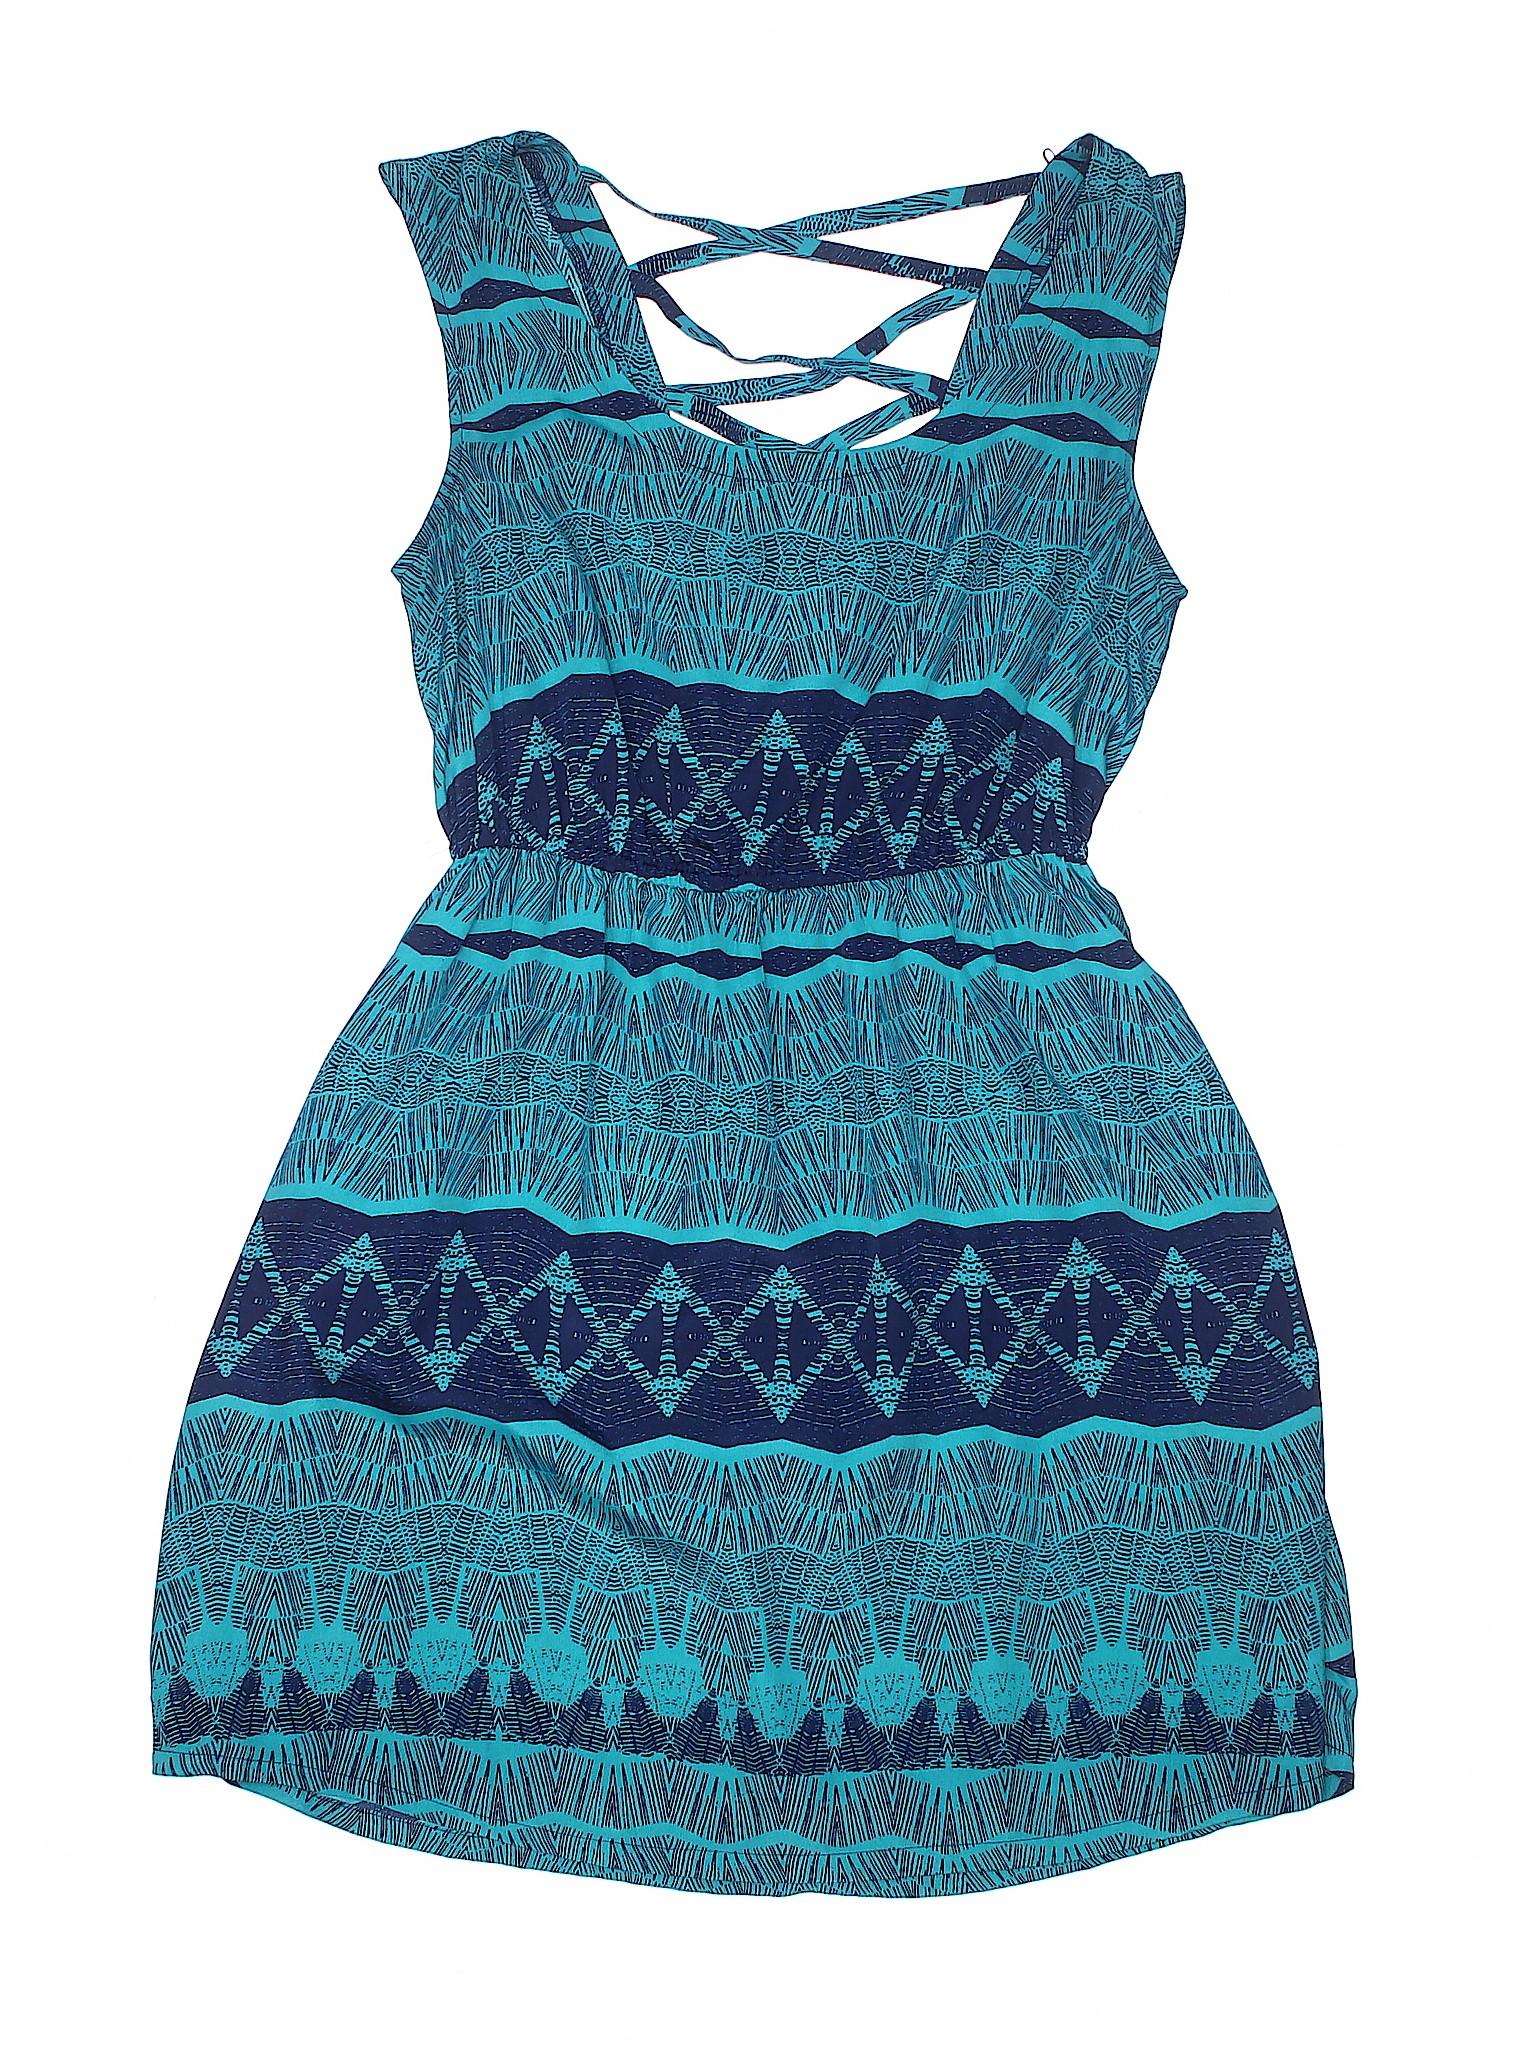 Casual Dress Casual Casual Selling Dress Dress Selling Selling Xhilaration Xhilaration Selling Xhilaration 0rar1xEqw